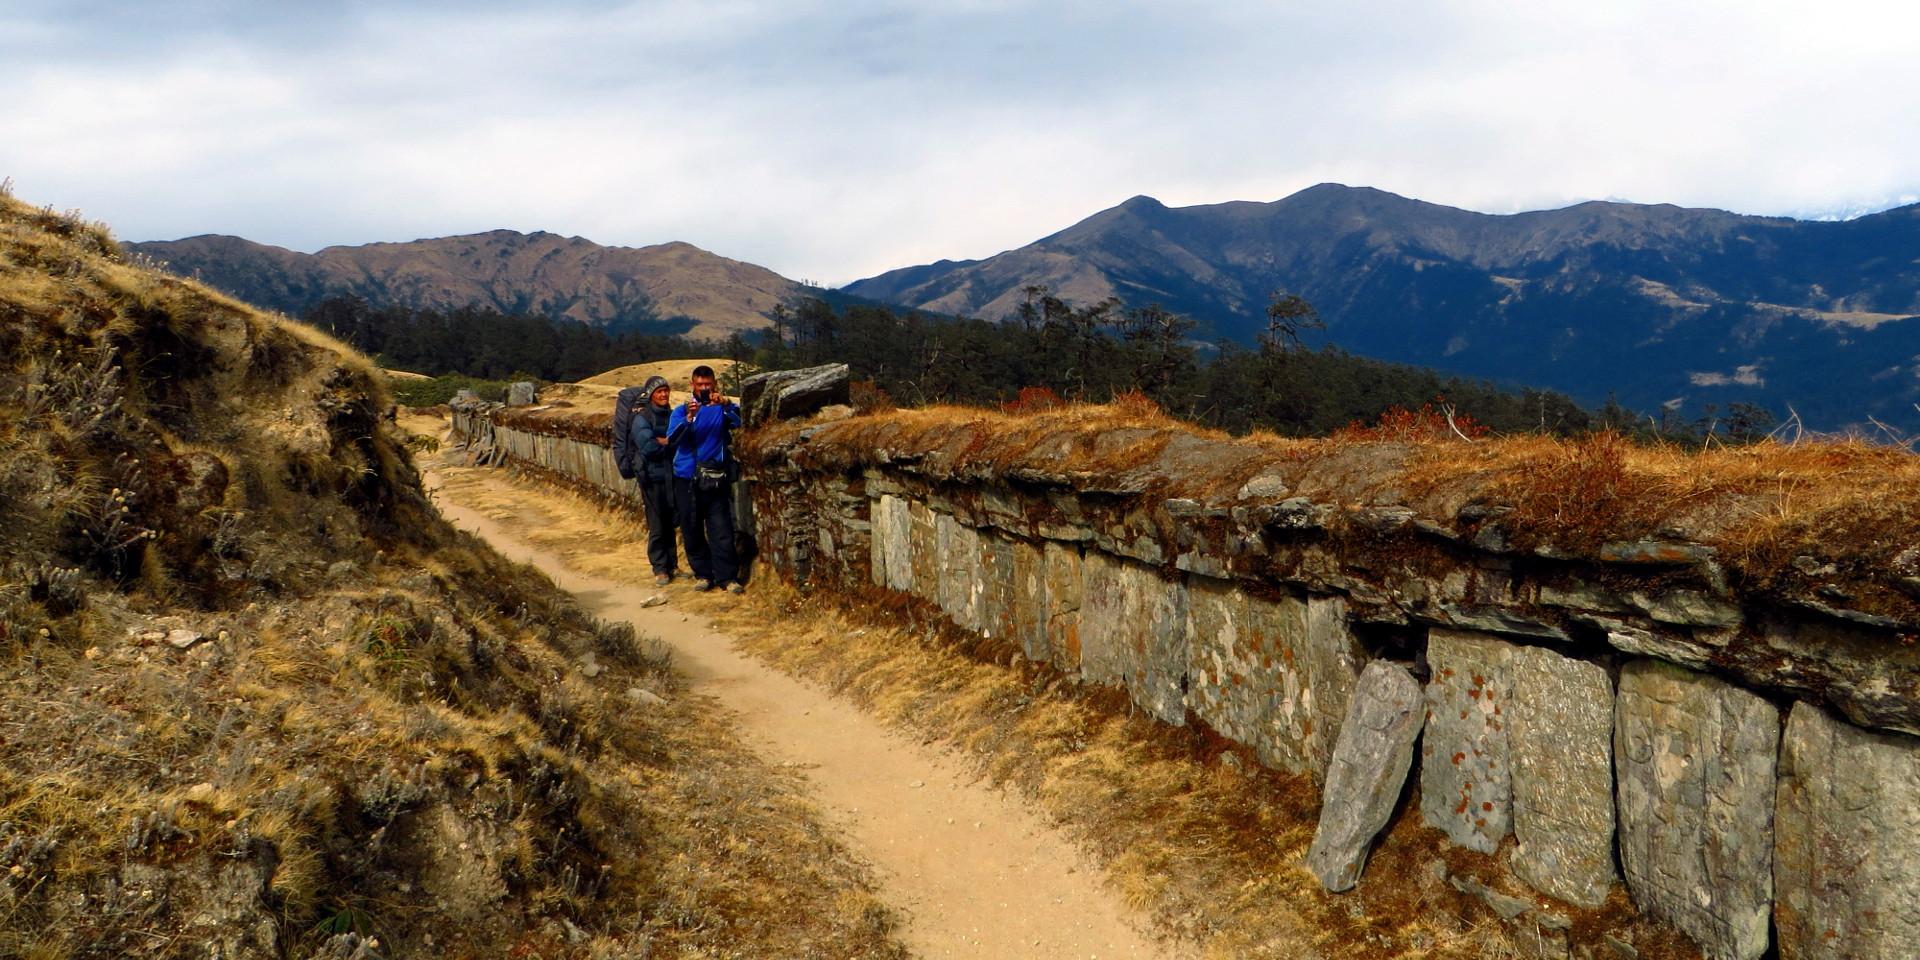 everest-trail-mani-wall-1920x960